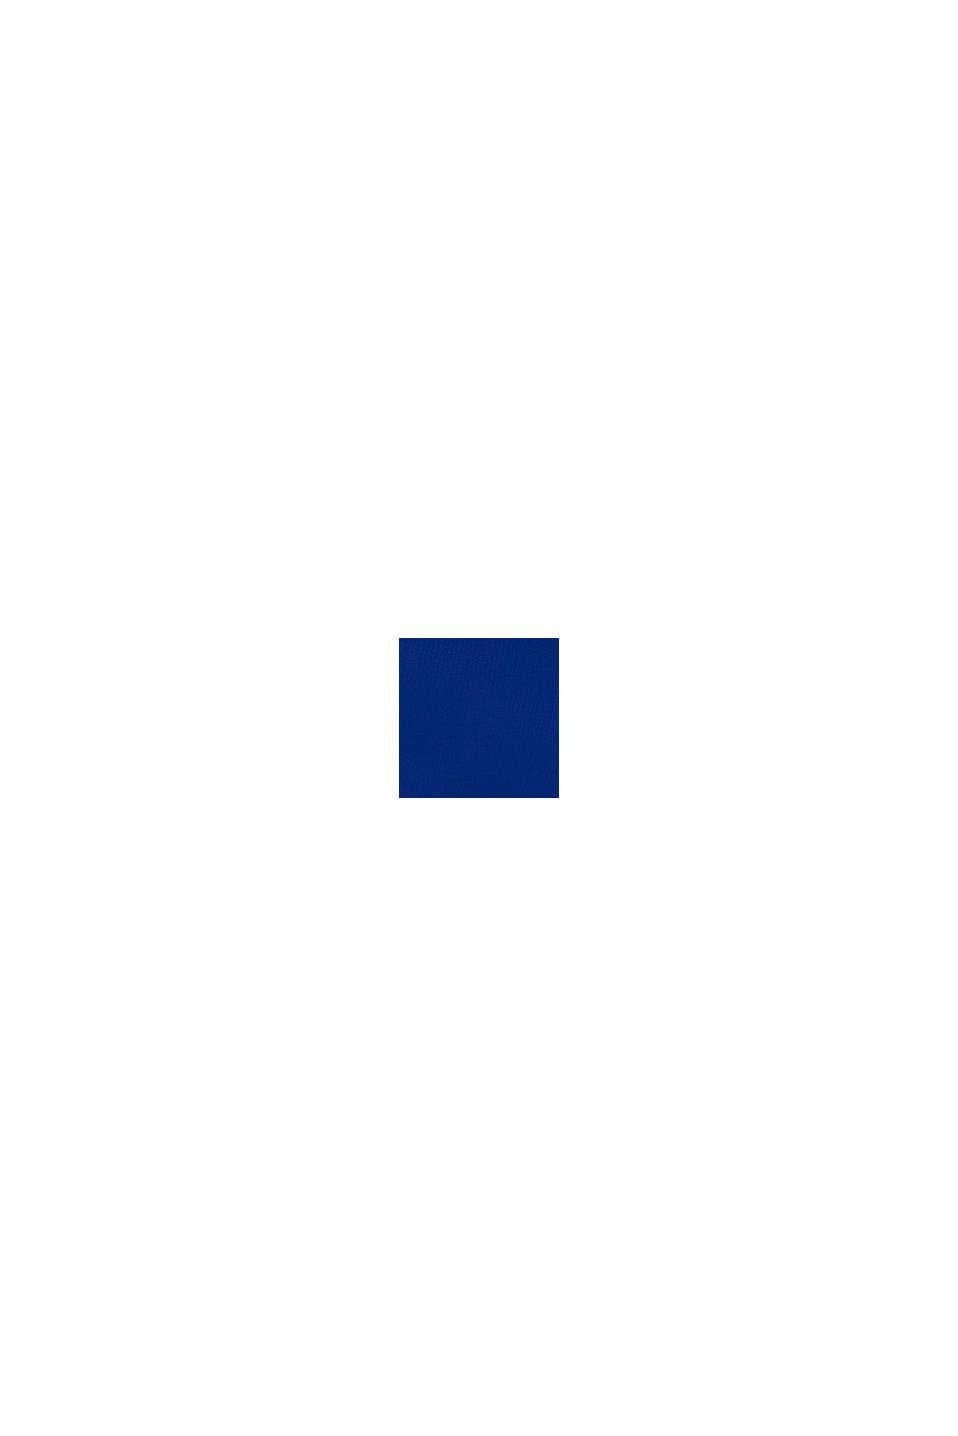 Sweatshirt med logo i 100% bomull, BRIGHT BLUE, swatch